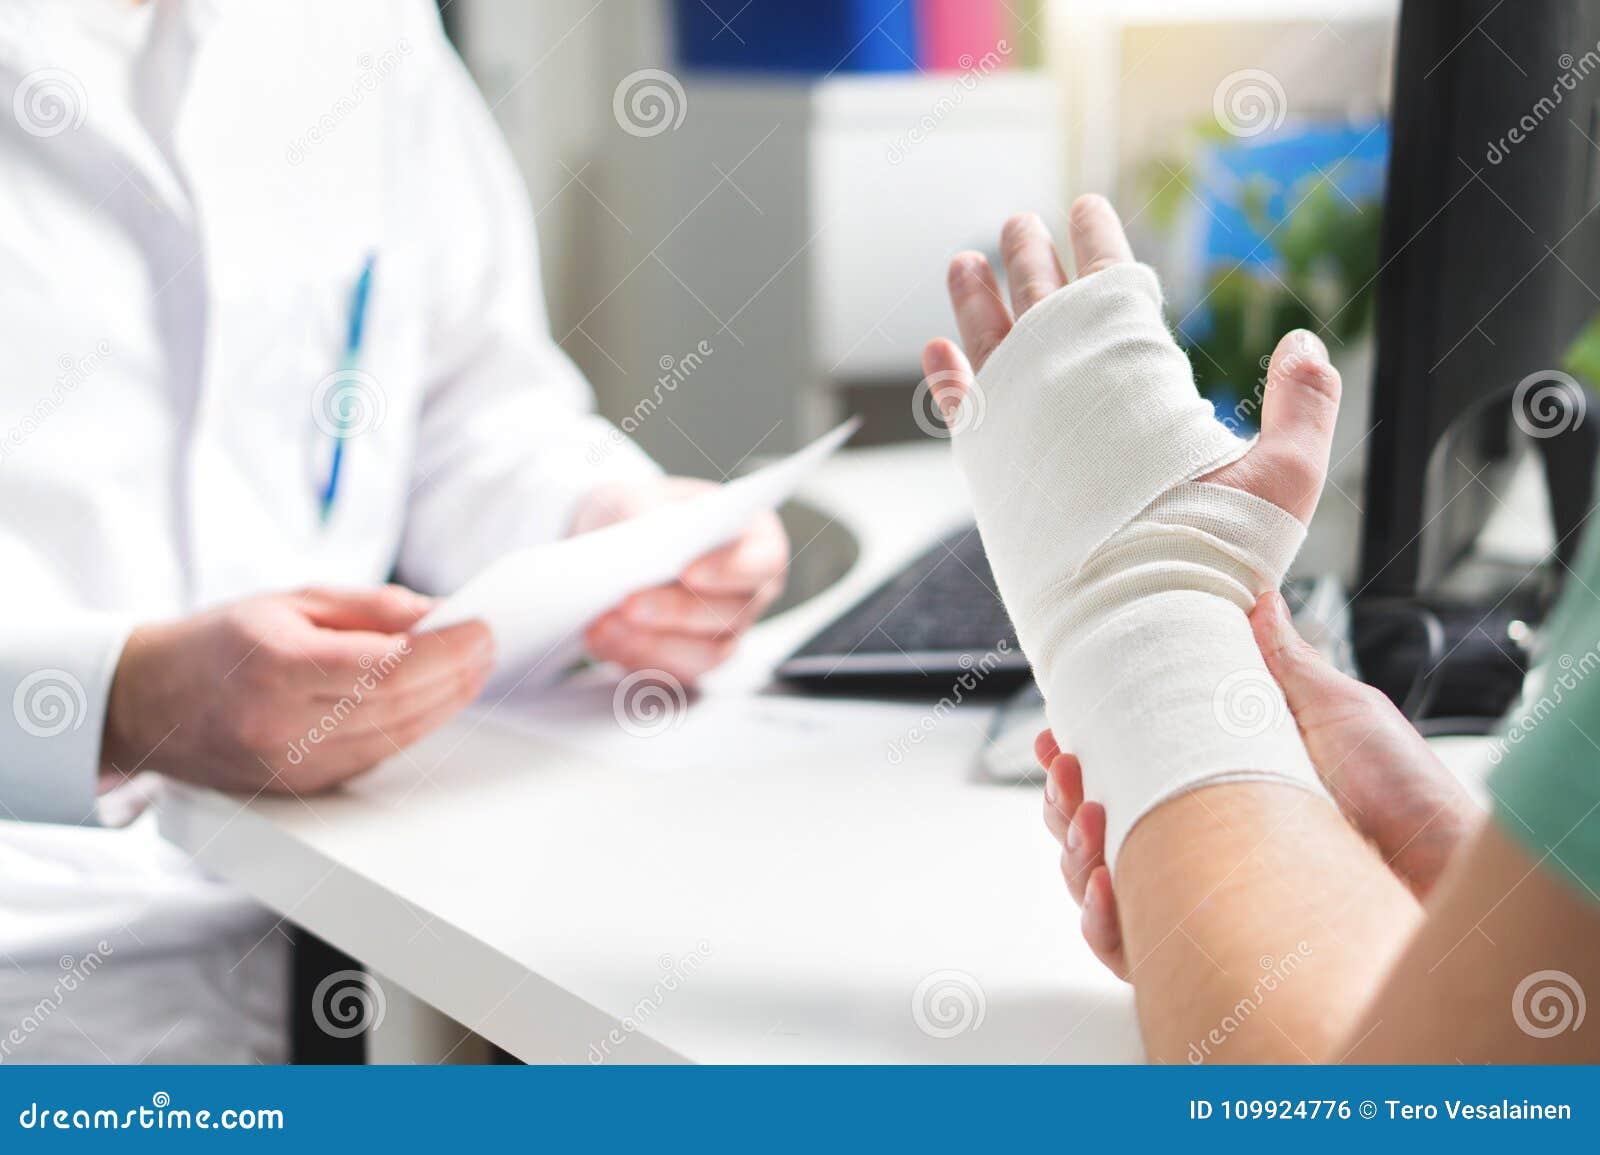 Polso e braccio tagliati medico di mostra pazienti danneggiati con la fasciatura